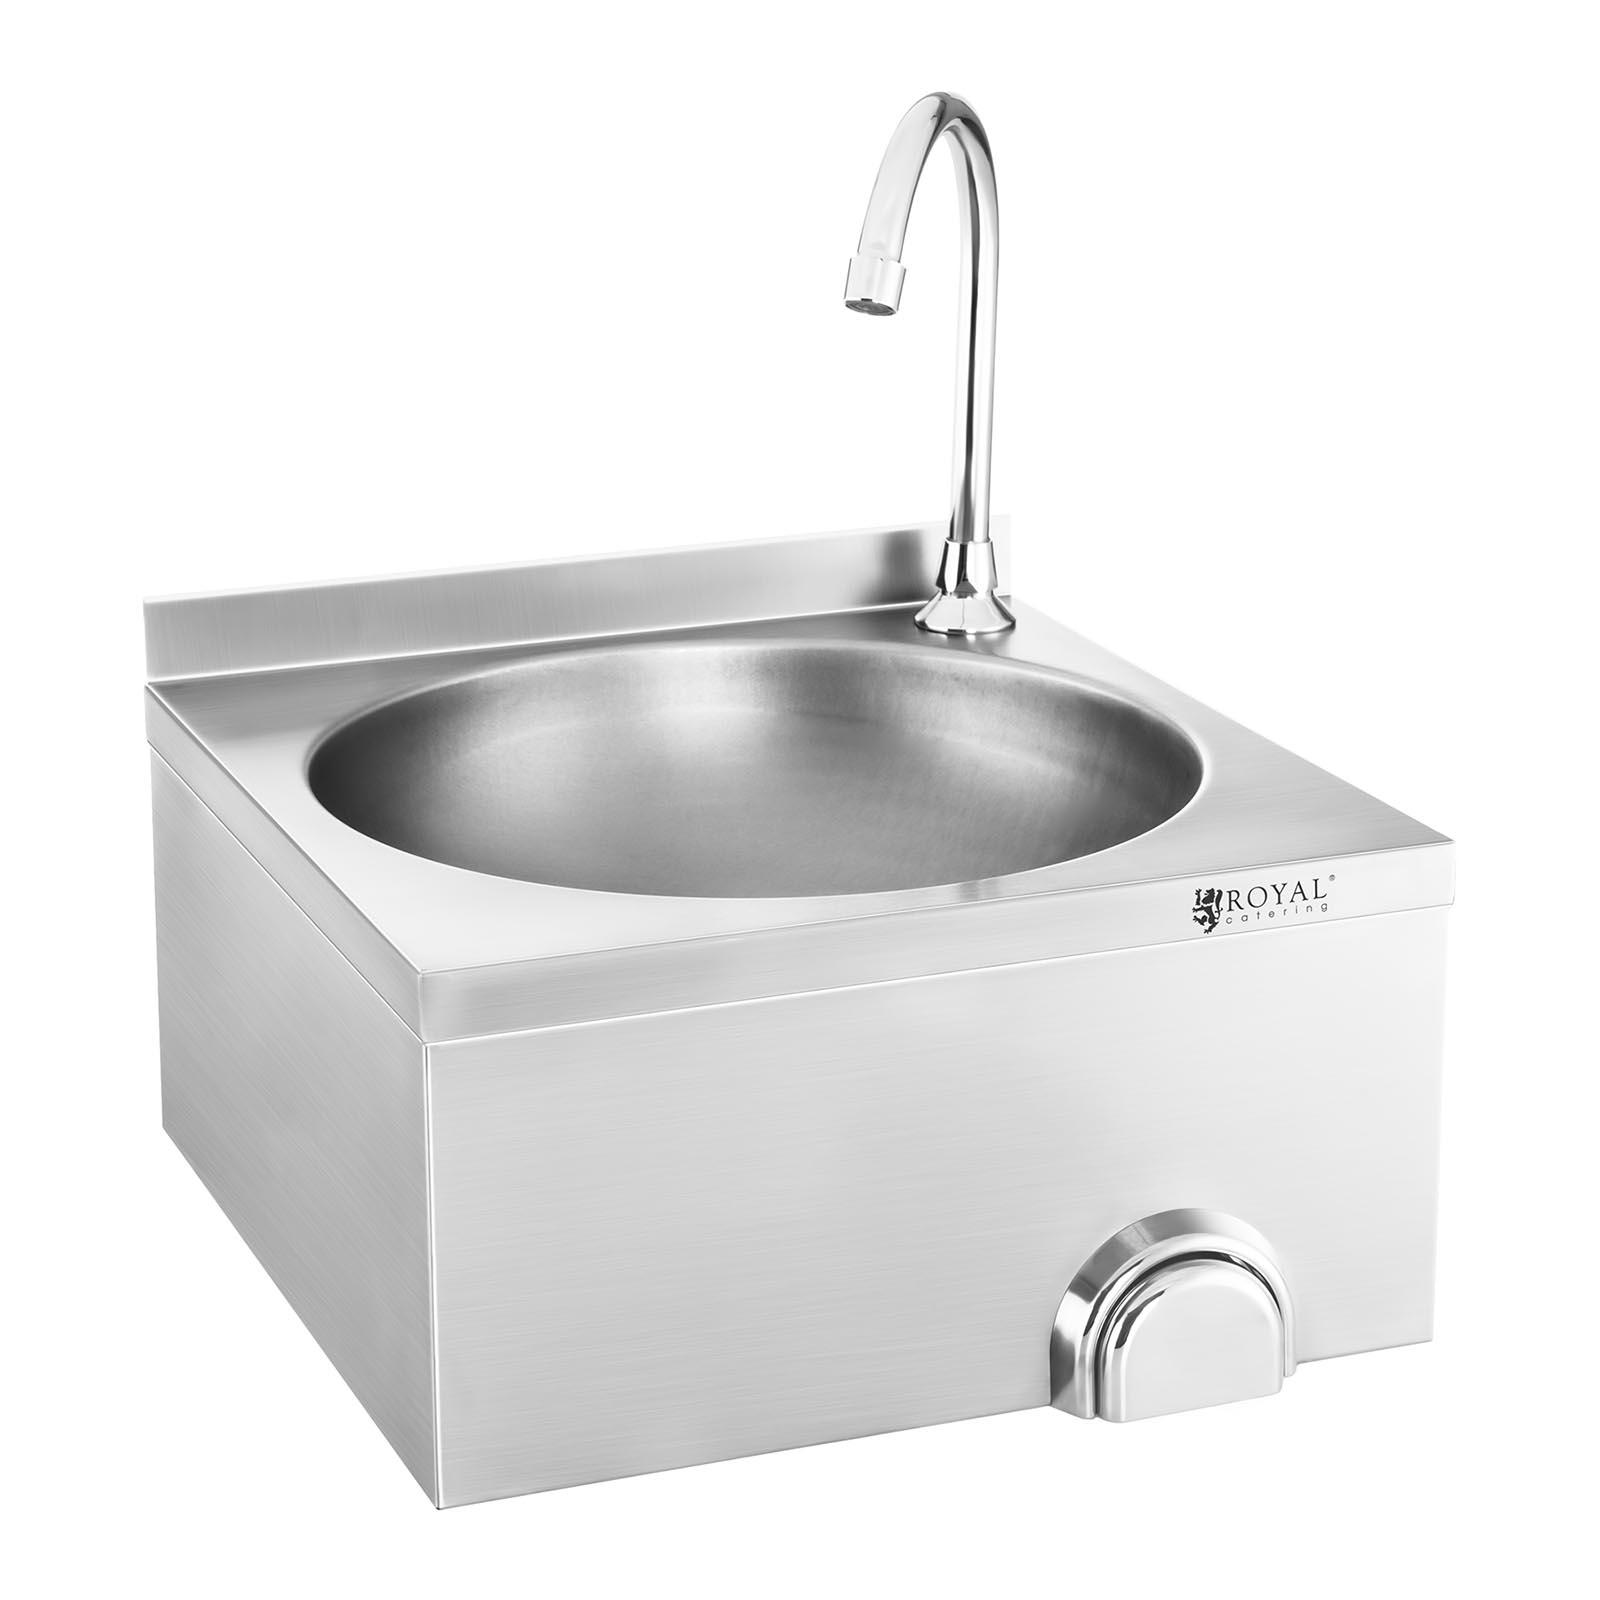 profi waschbecken kniebedienung handwaschbecken. Black Bedroom Furniture Sets. Home Design Ideas